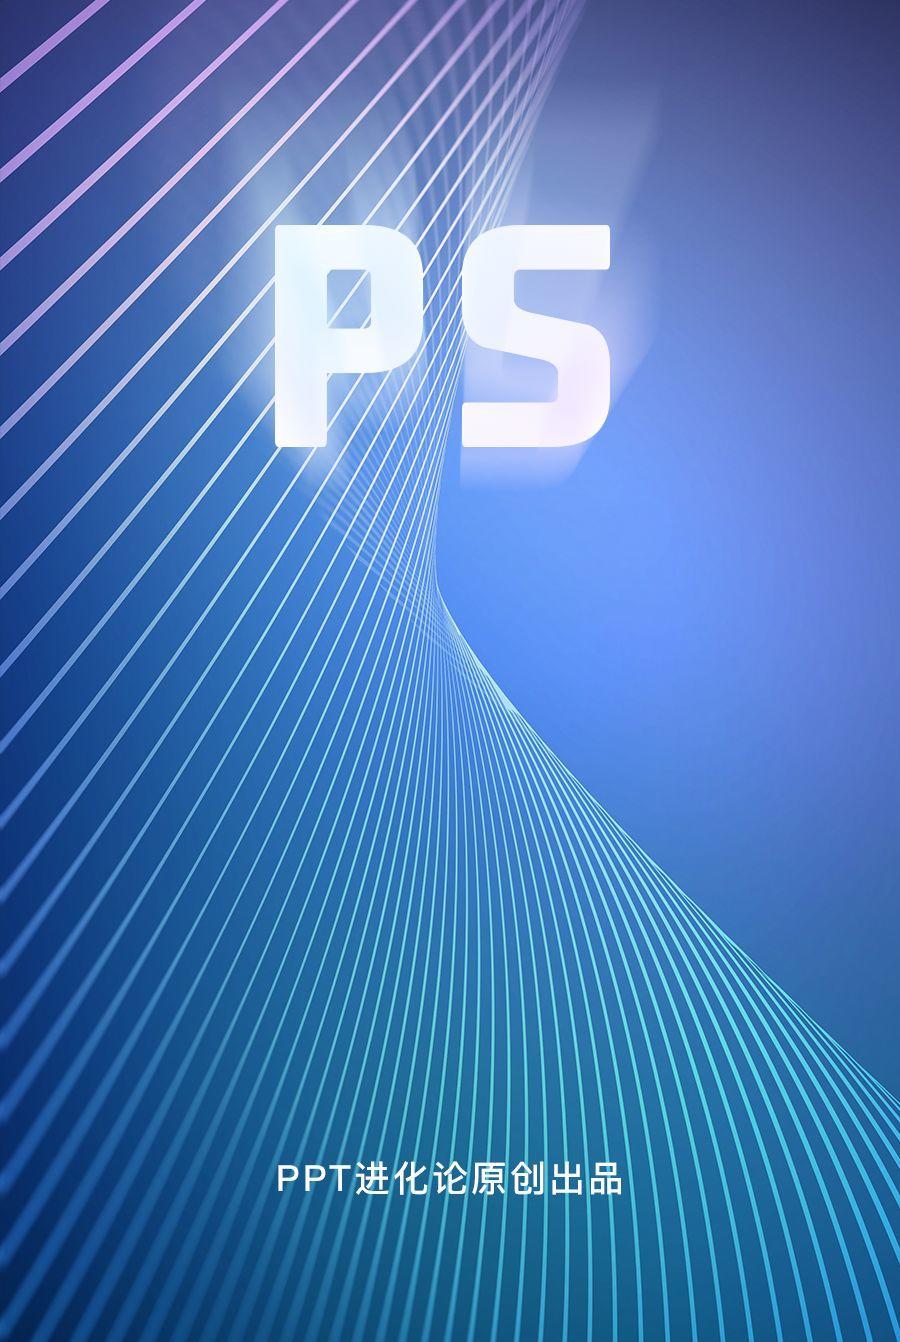 輕松做出高大上的PPT效果,這幾個PS小技巧,你一定要知道!